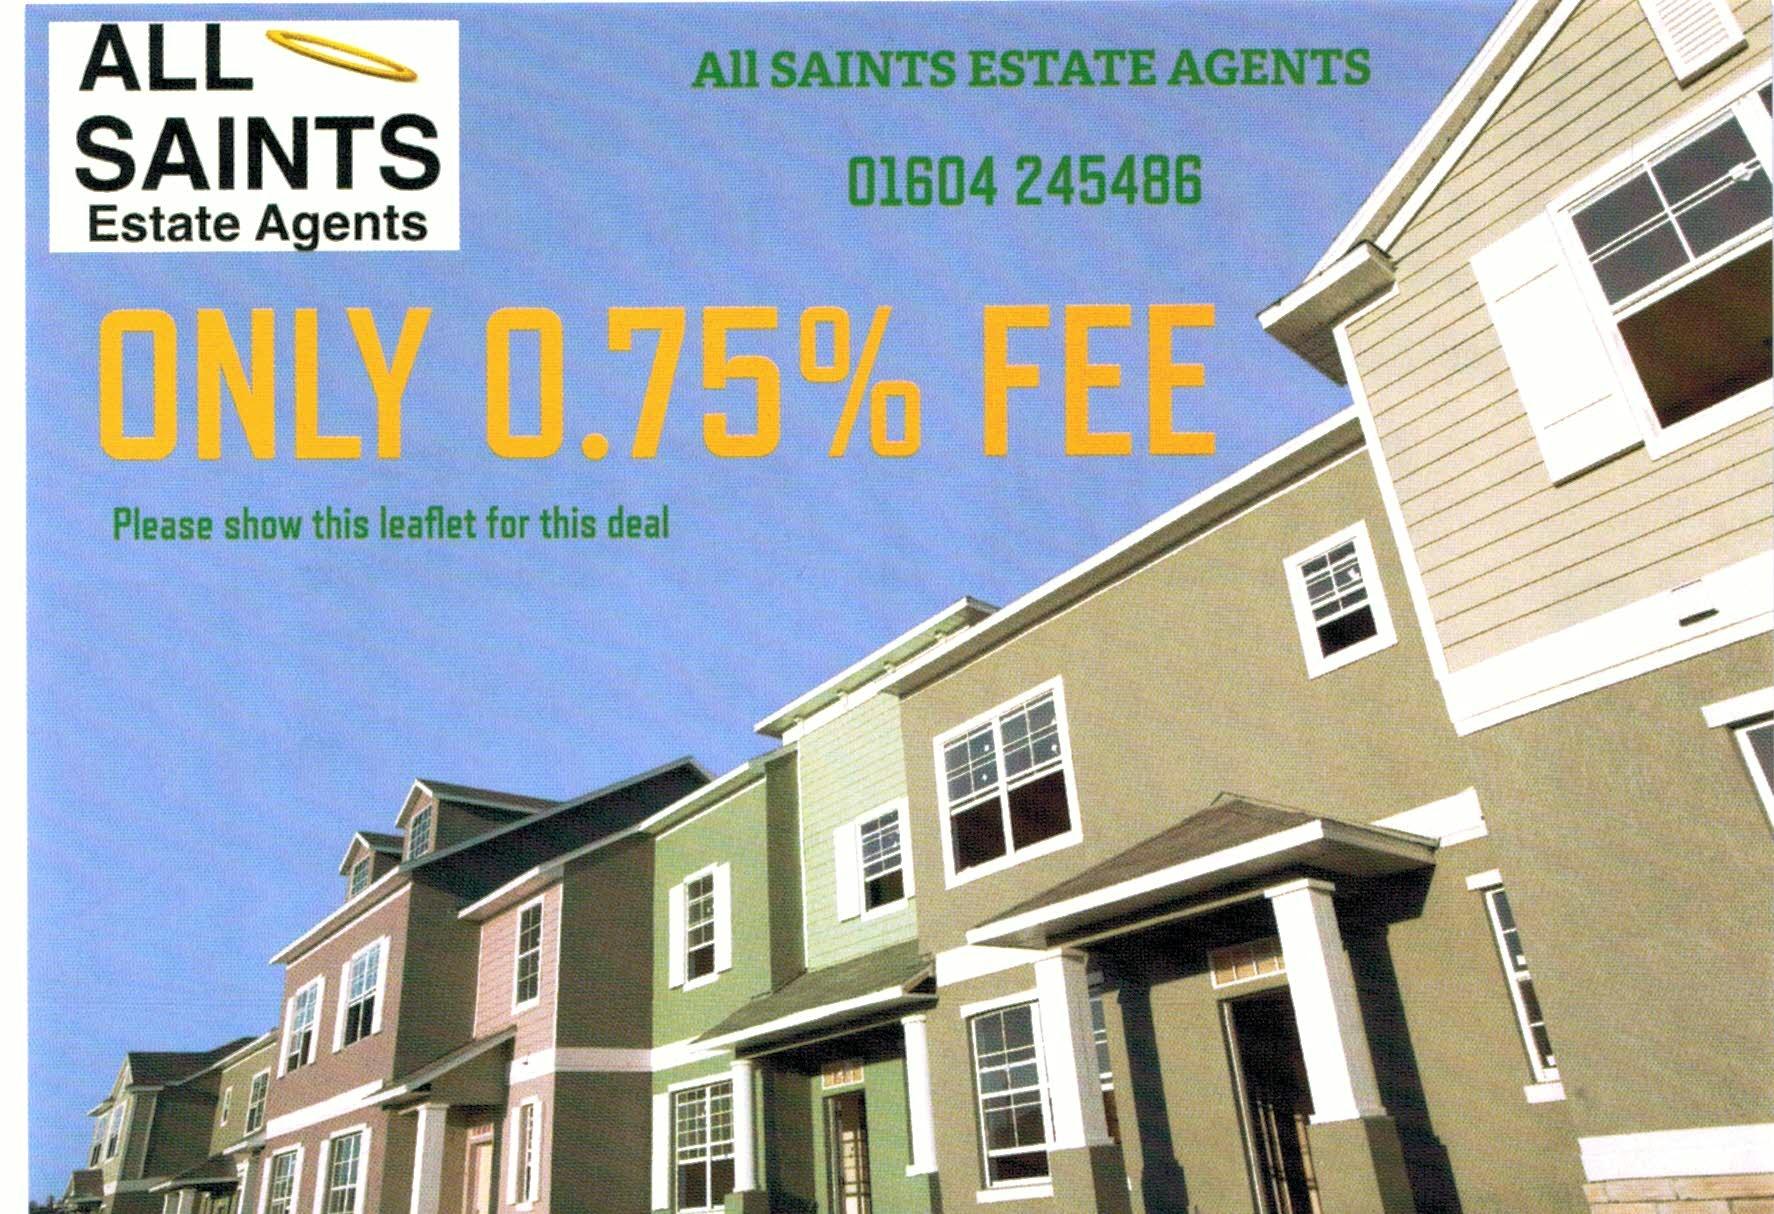 All Saints Estate Agents